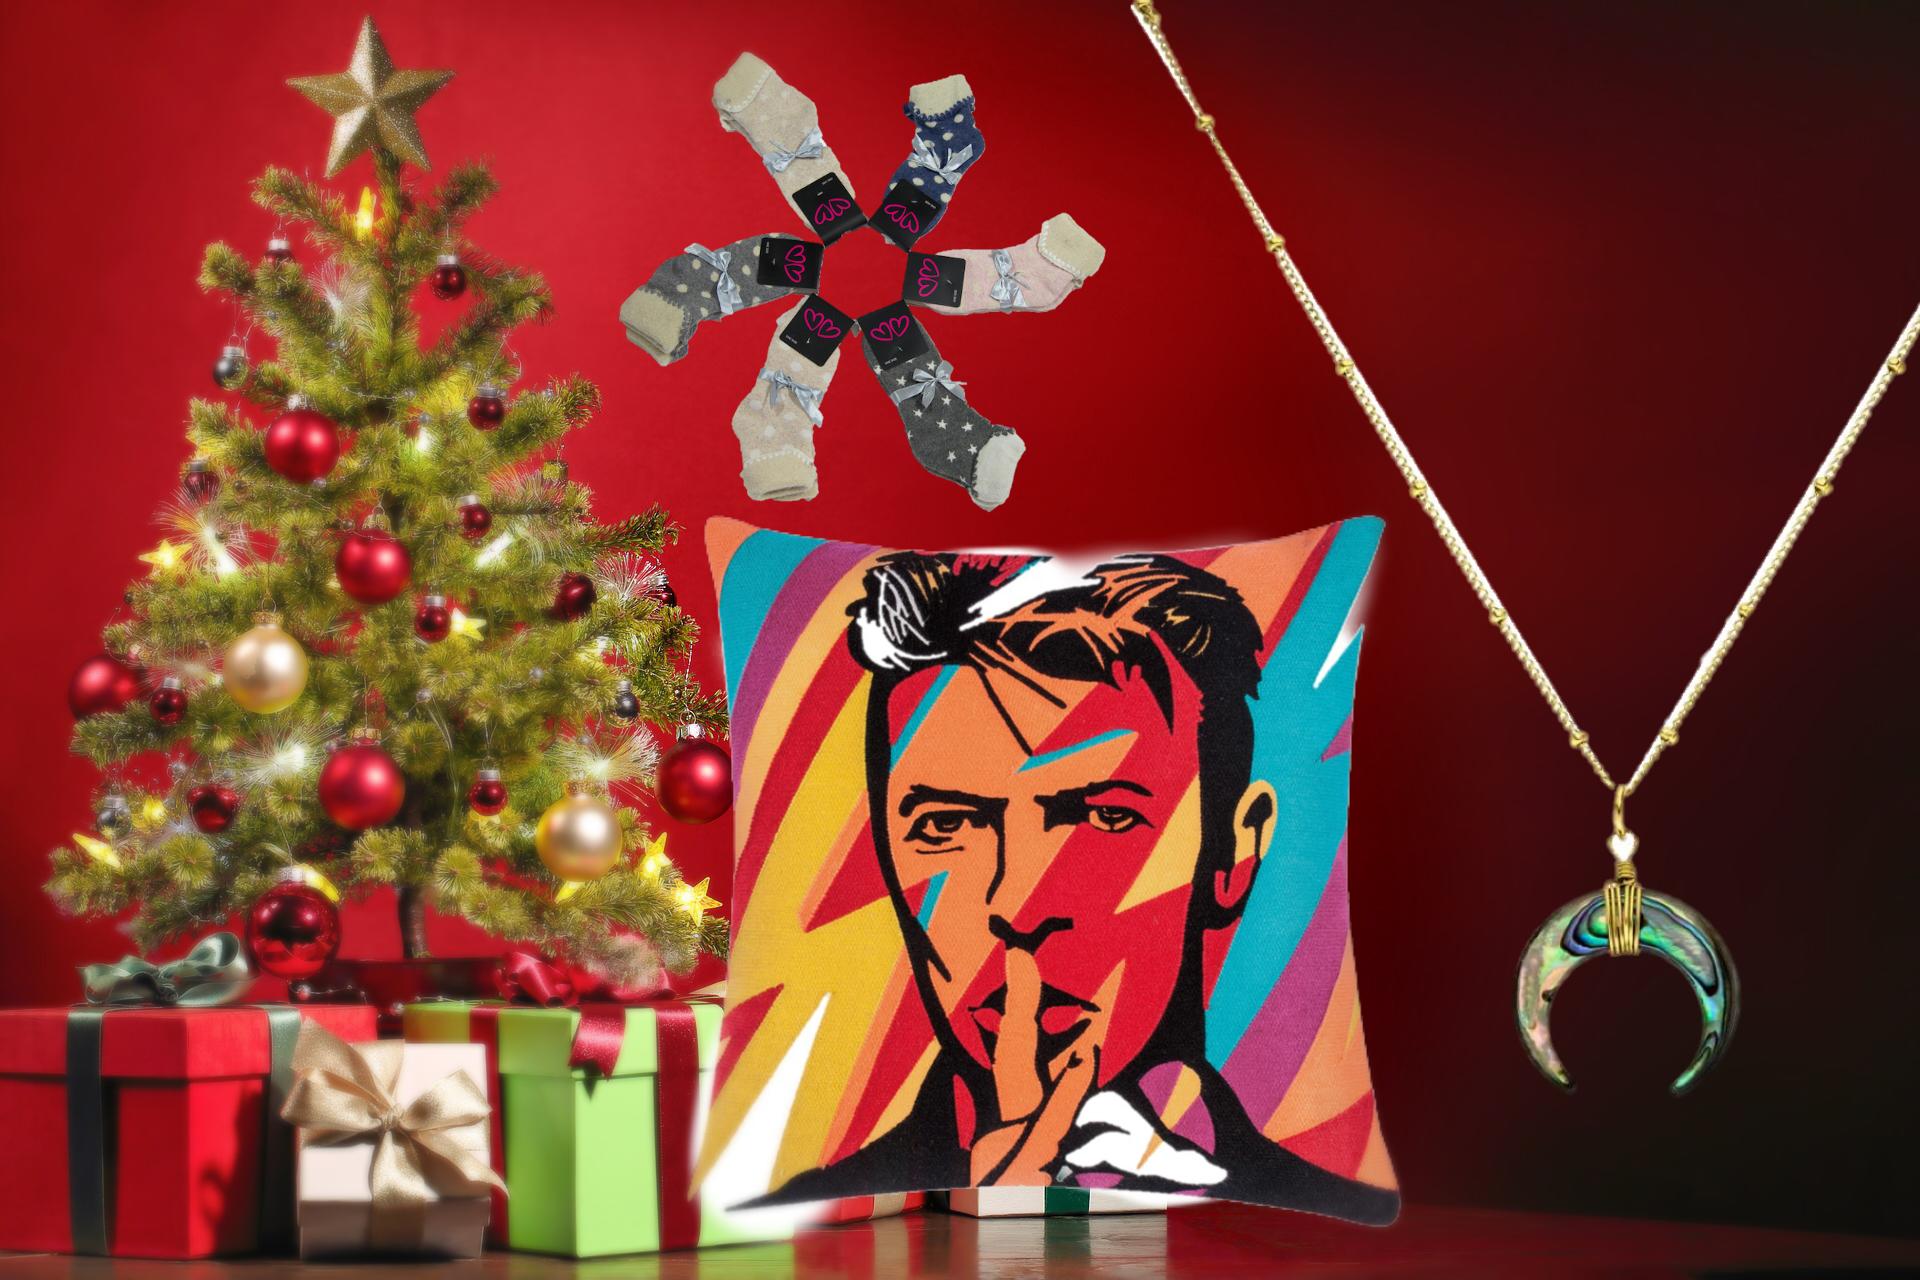 Tipps Weihnachtsgeschenke.5 Tipps Für Weihnachtsgeschenke Von Tutto Bene Tutto Bene